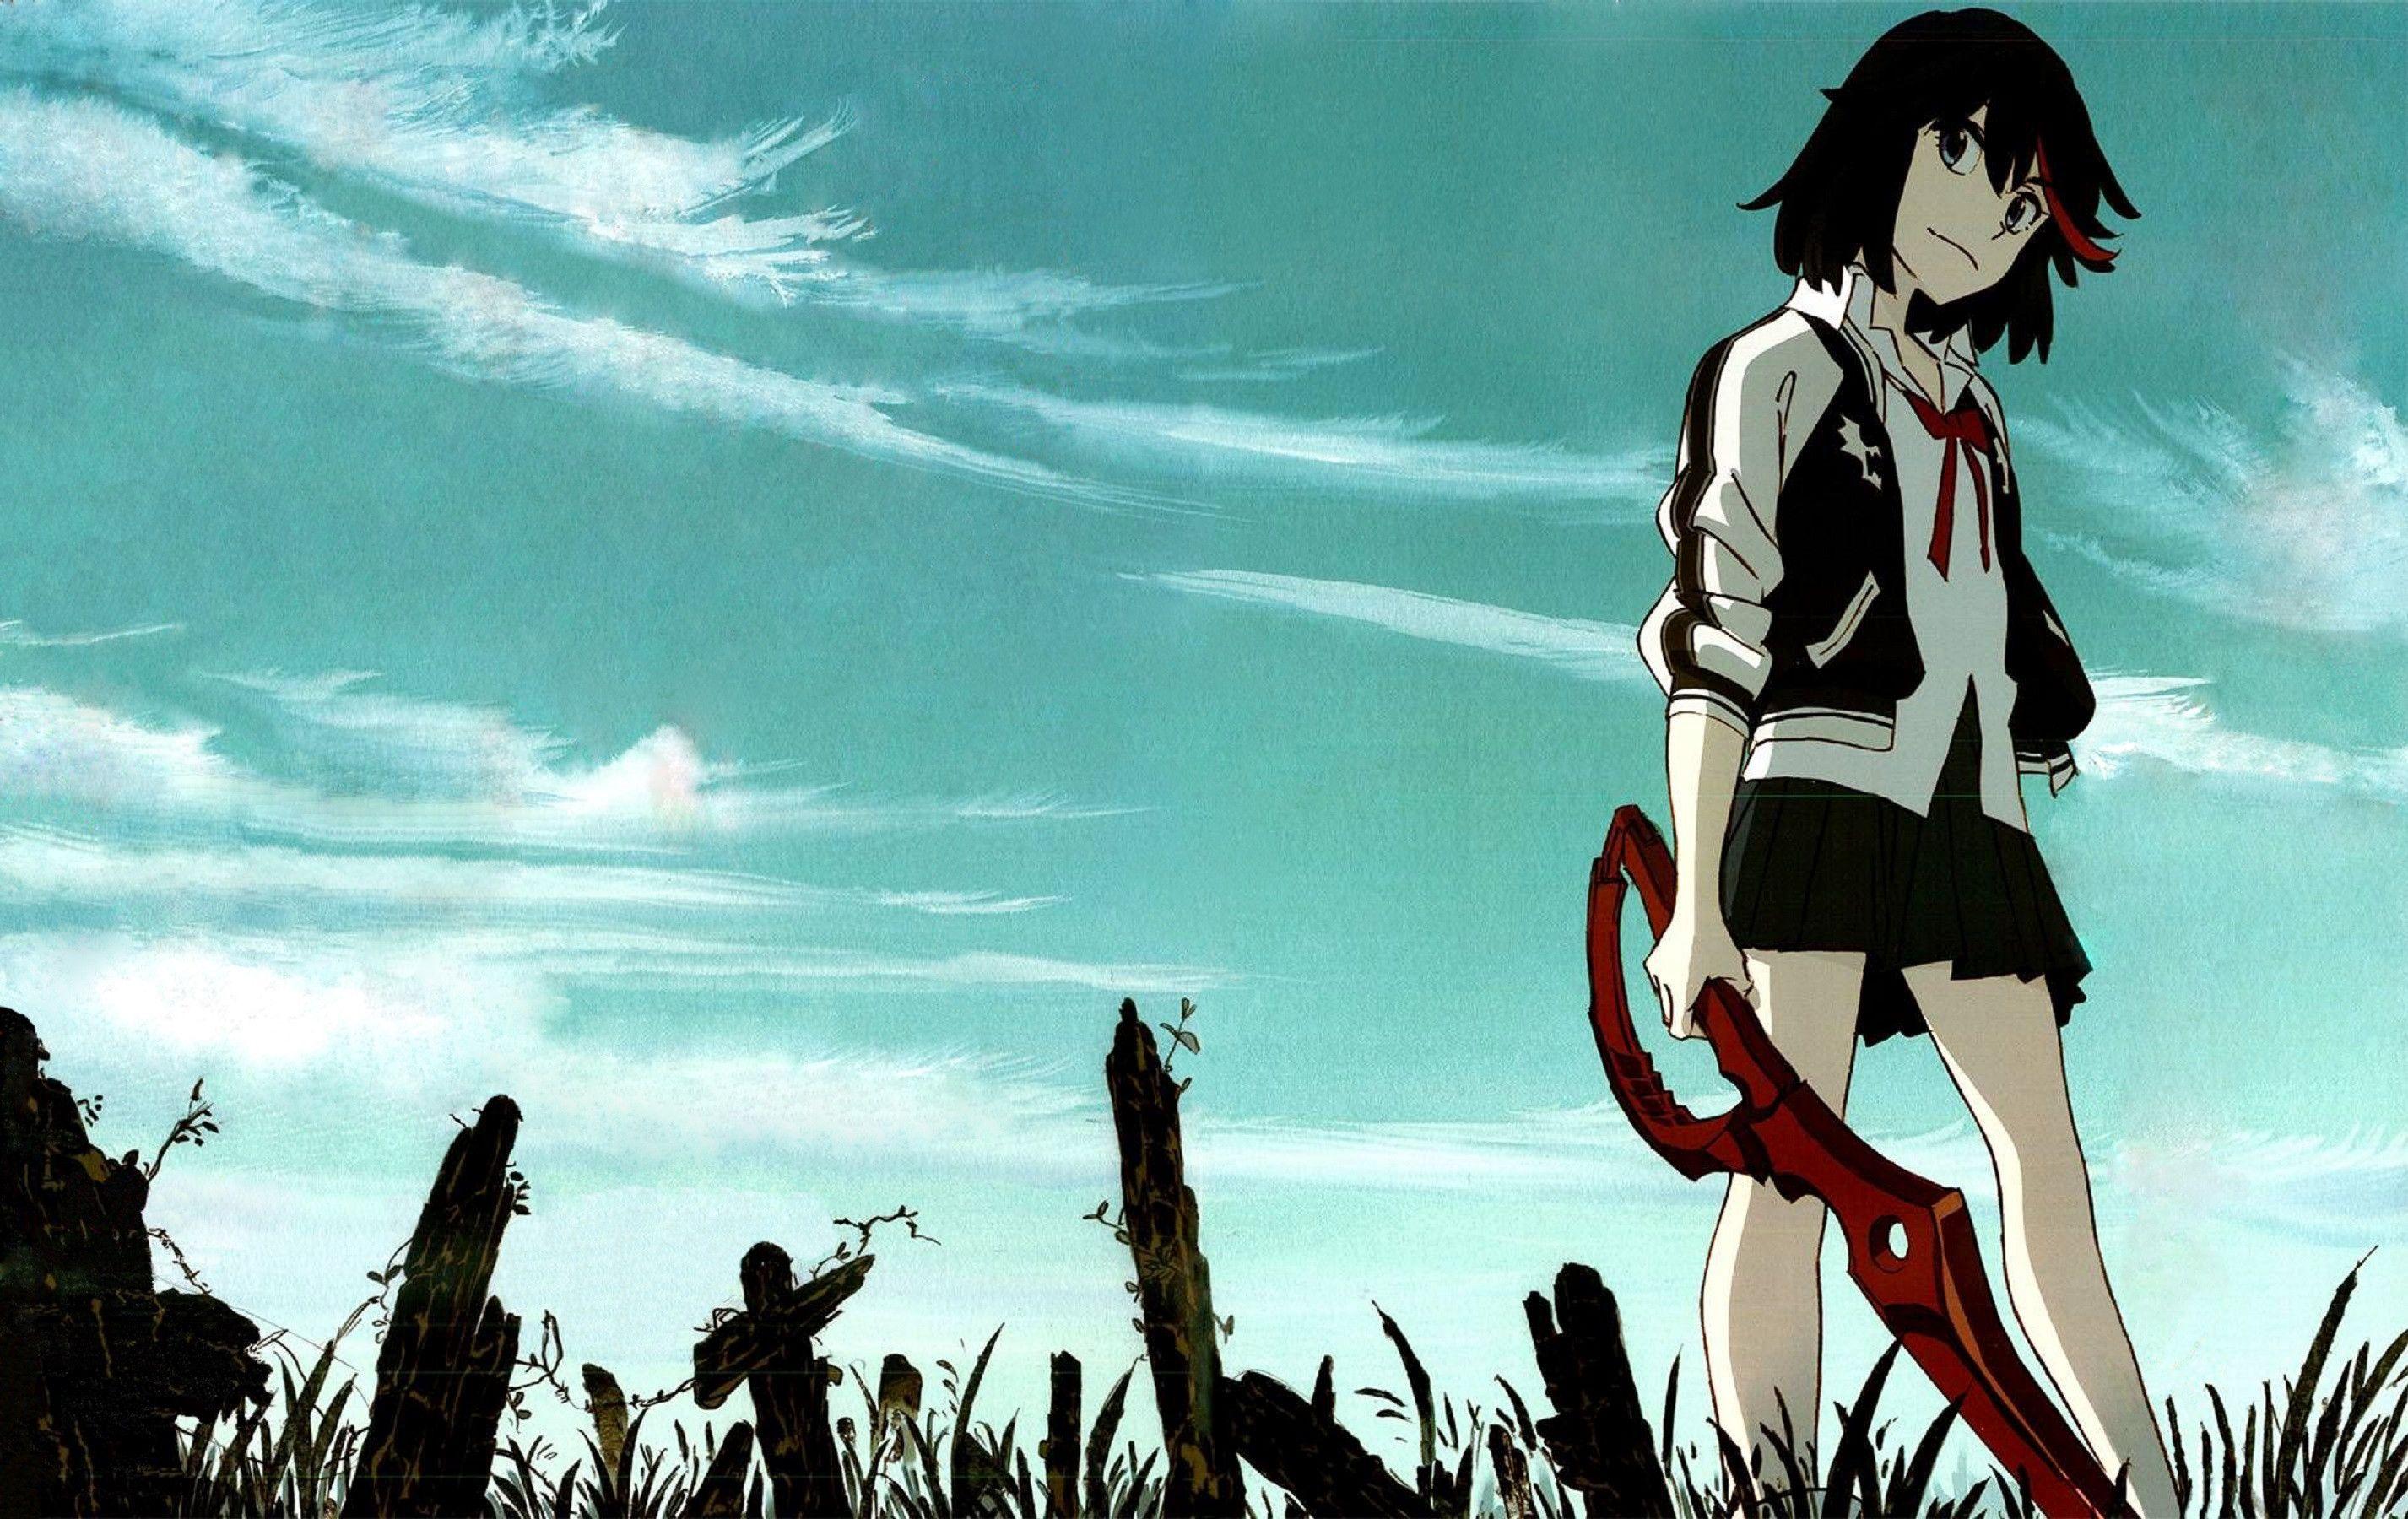 Ryuko Kill La Kill Wallpapers Find best latest Ryuko Kill La 2853x1800